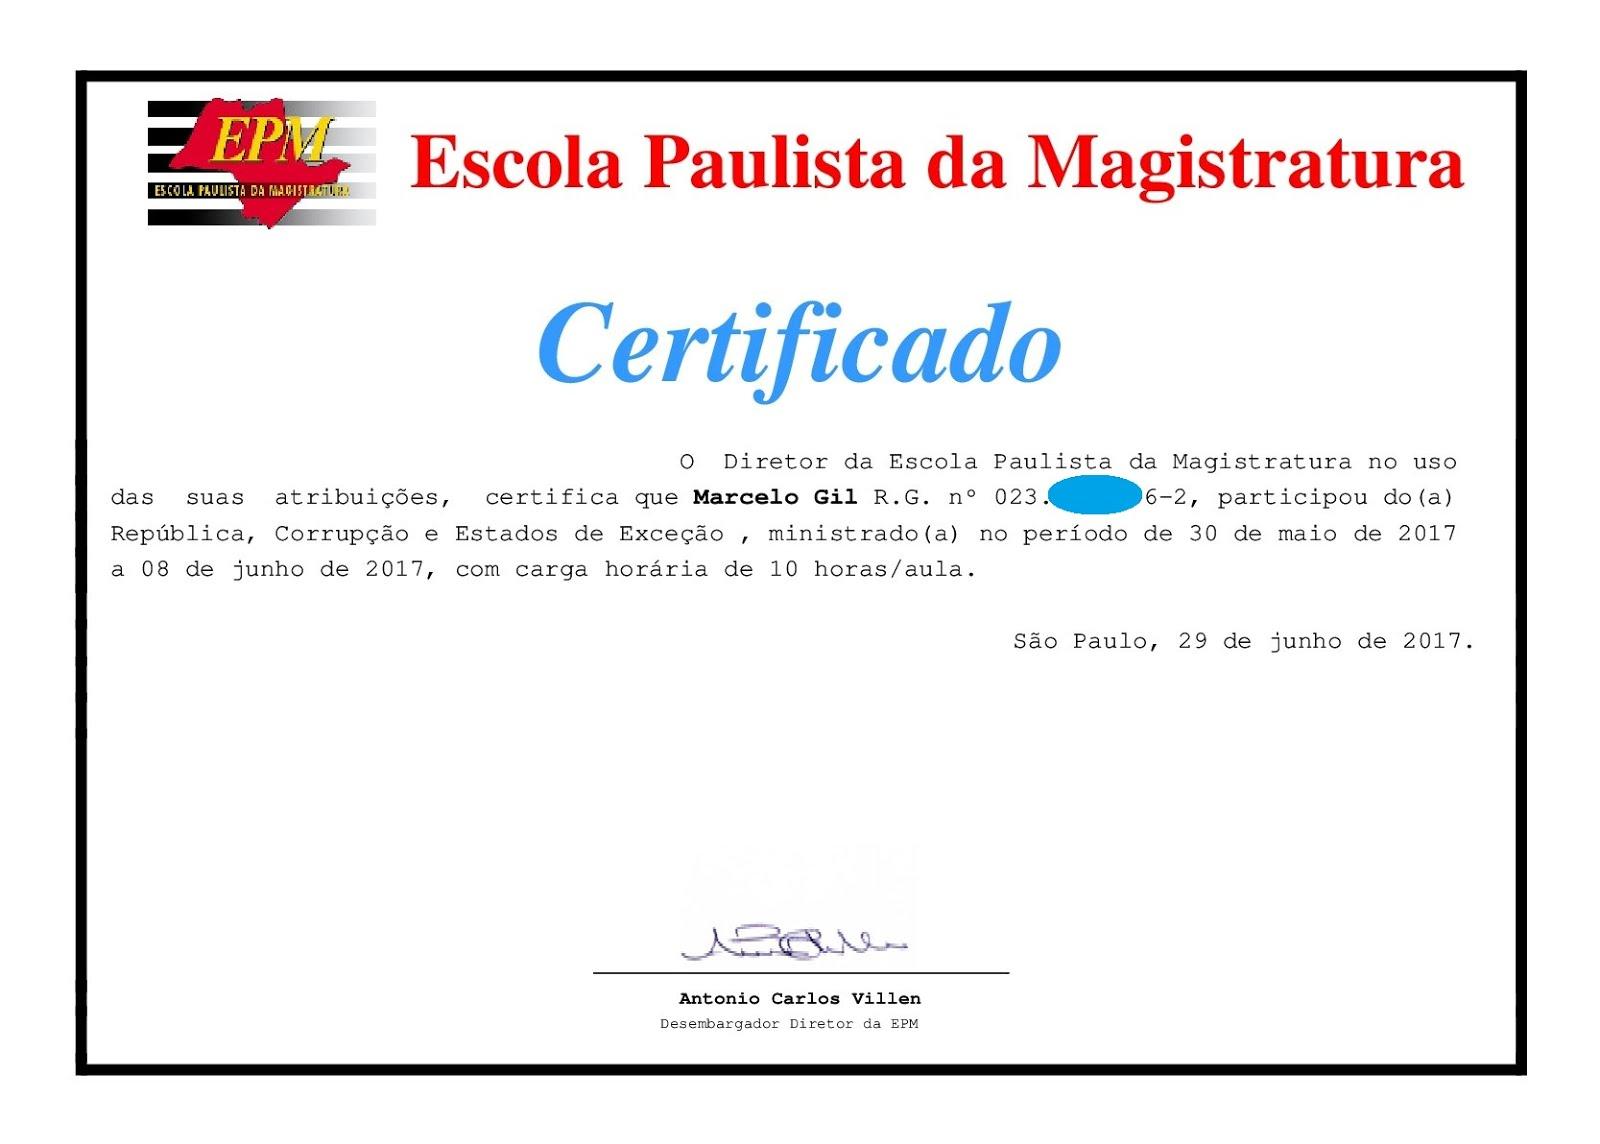 CERTIFICADO DE PARTICIPAÇÃO DO CICLO DE PALESTRAS DA ESCOLA PAULISTA DE MAGISTRATURA / 2017